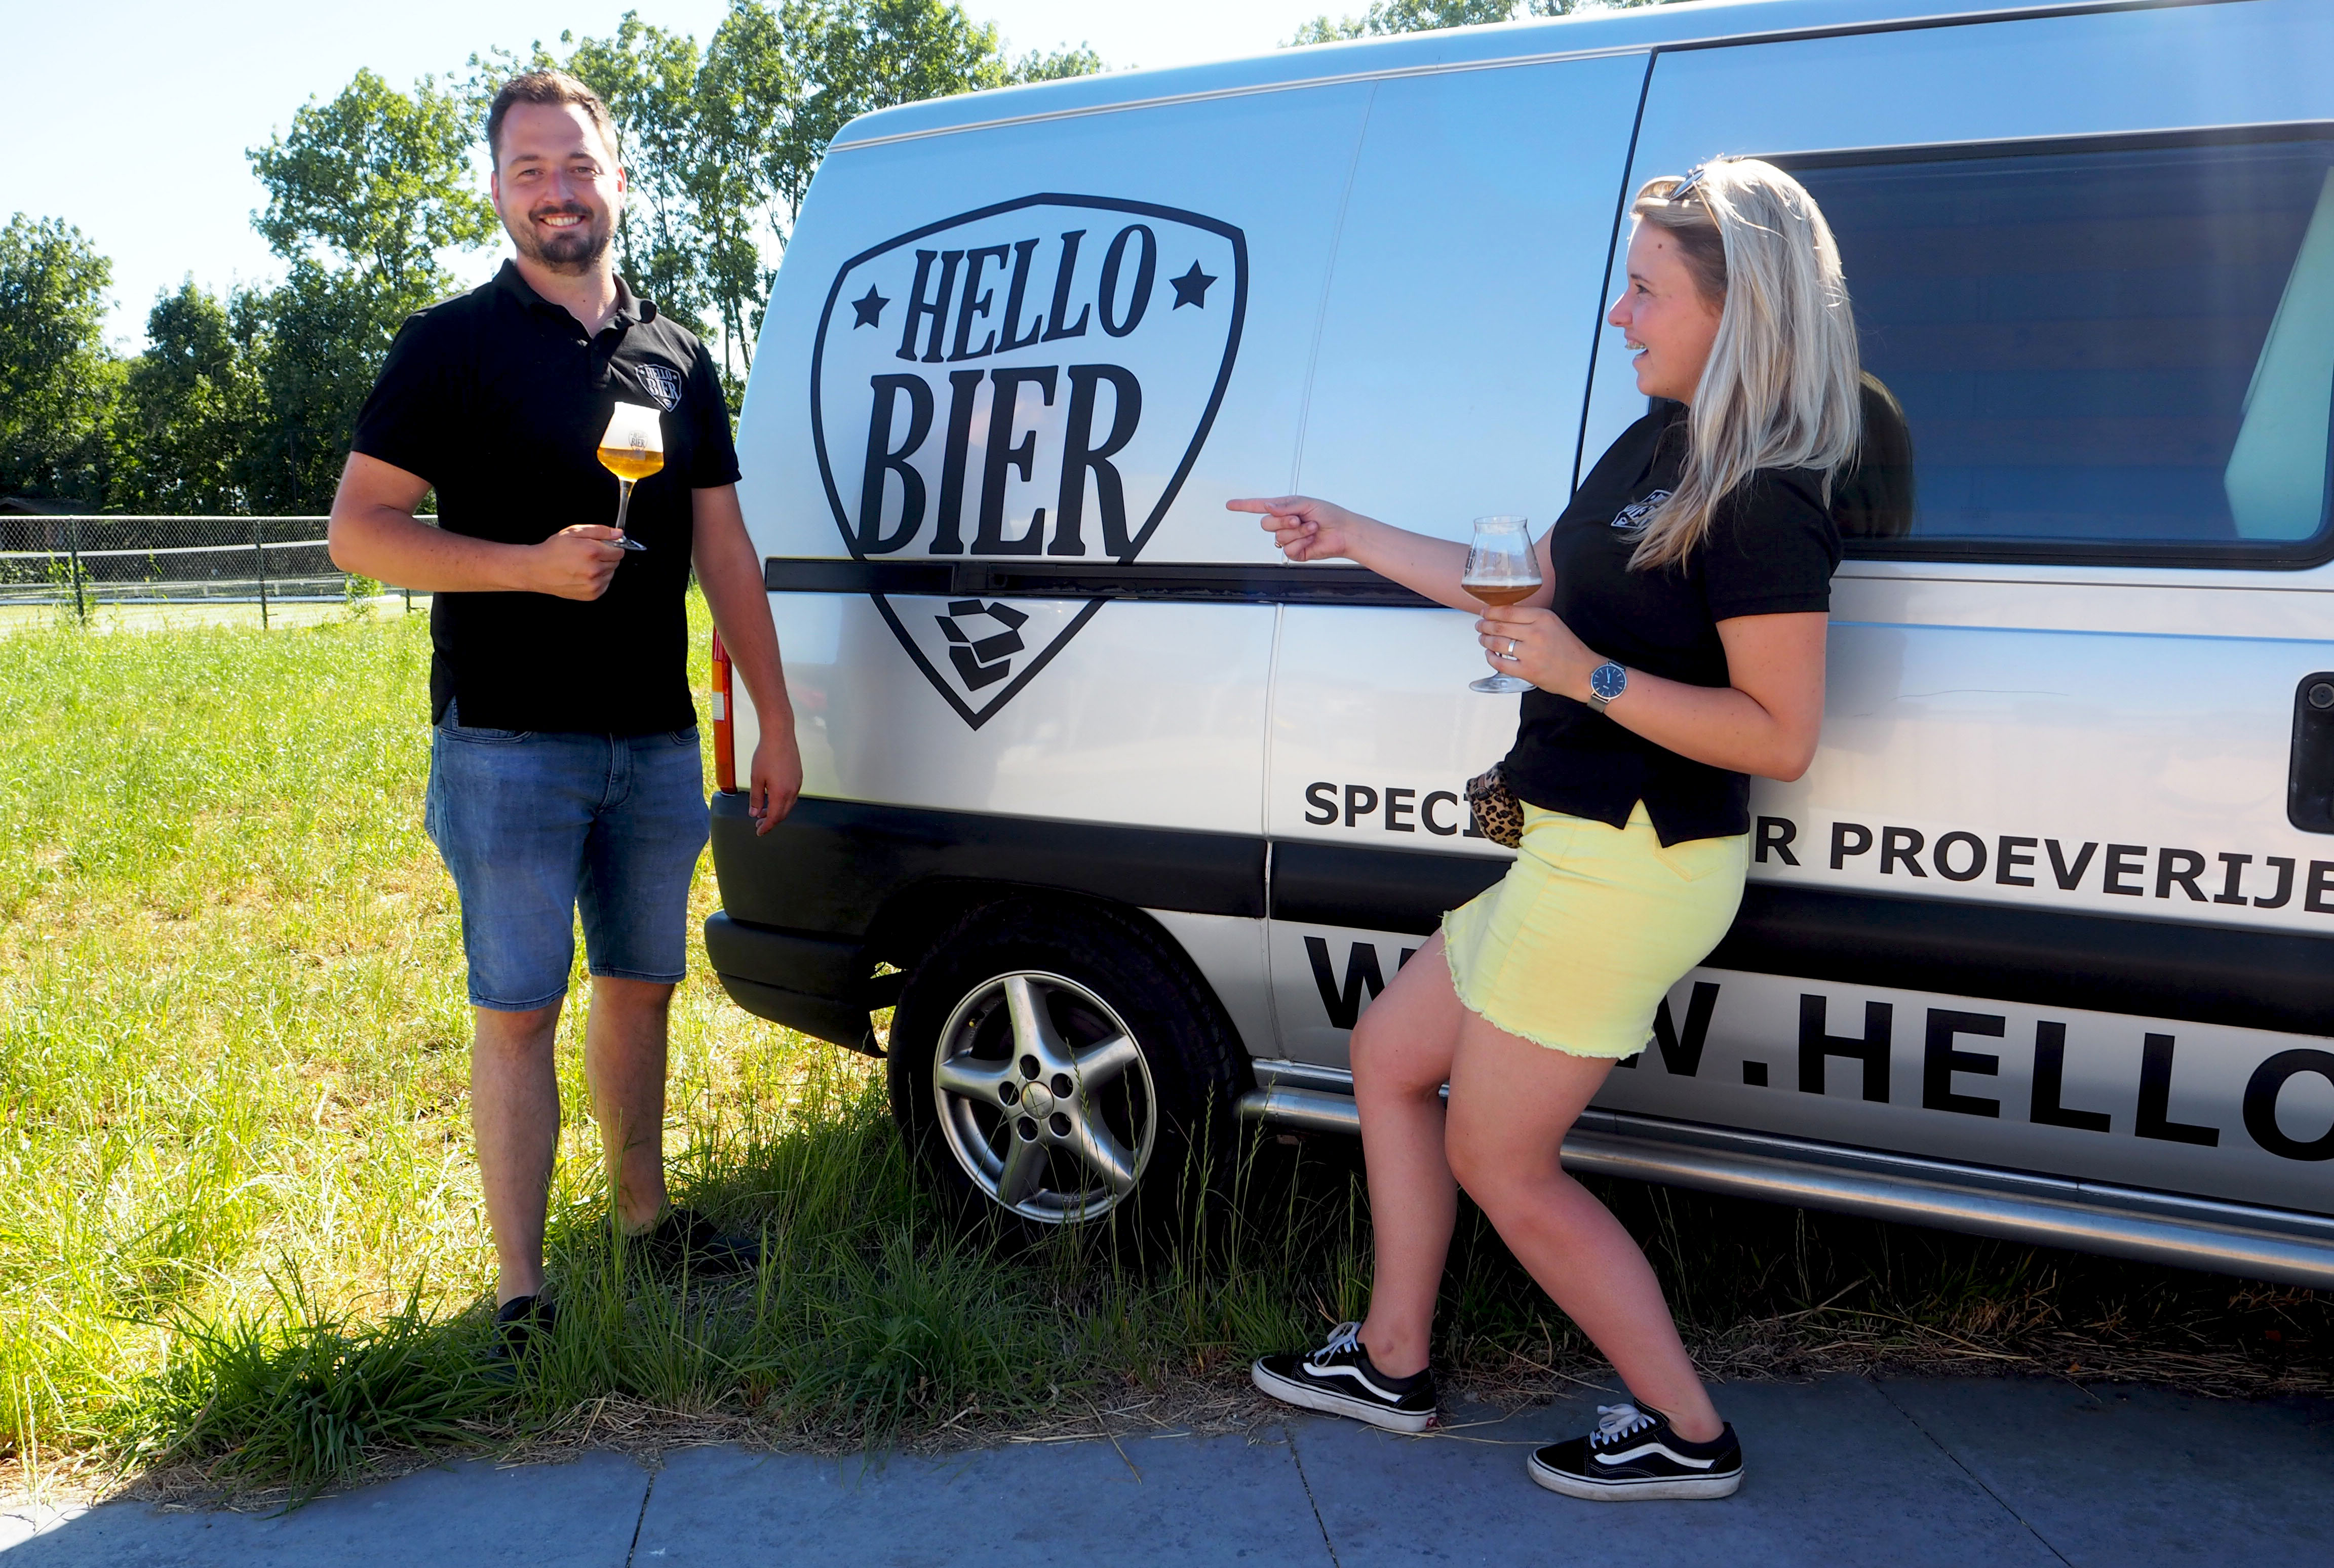 Hellobier nl uitgebreid en vernieuwd